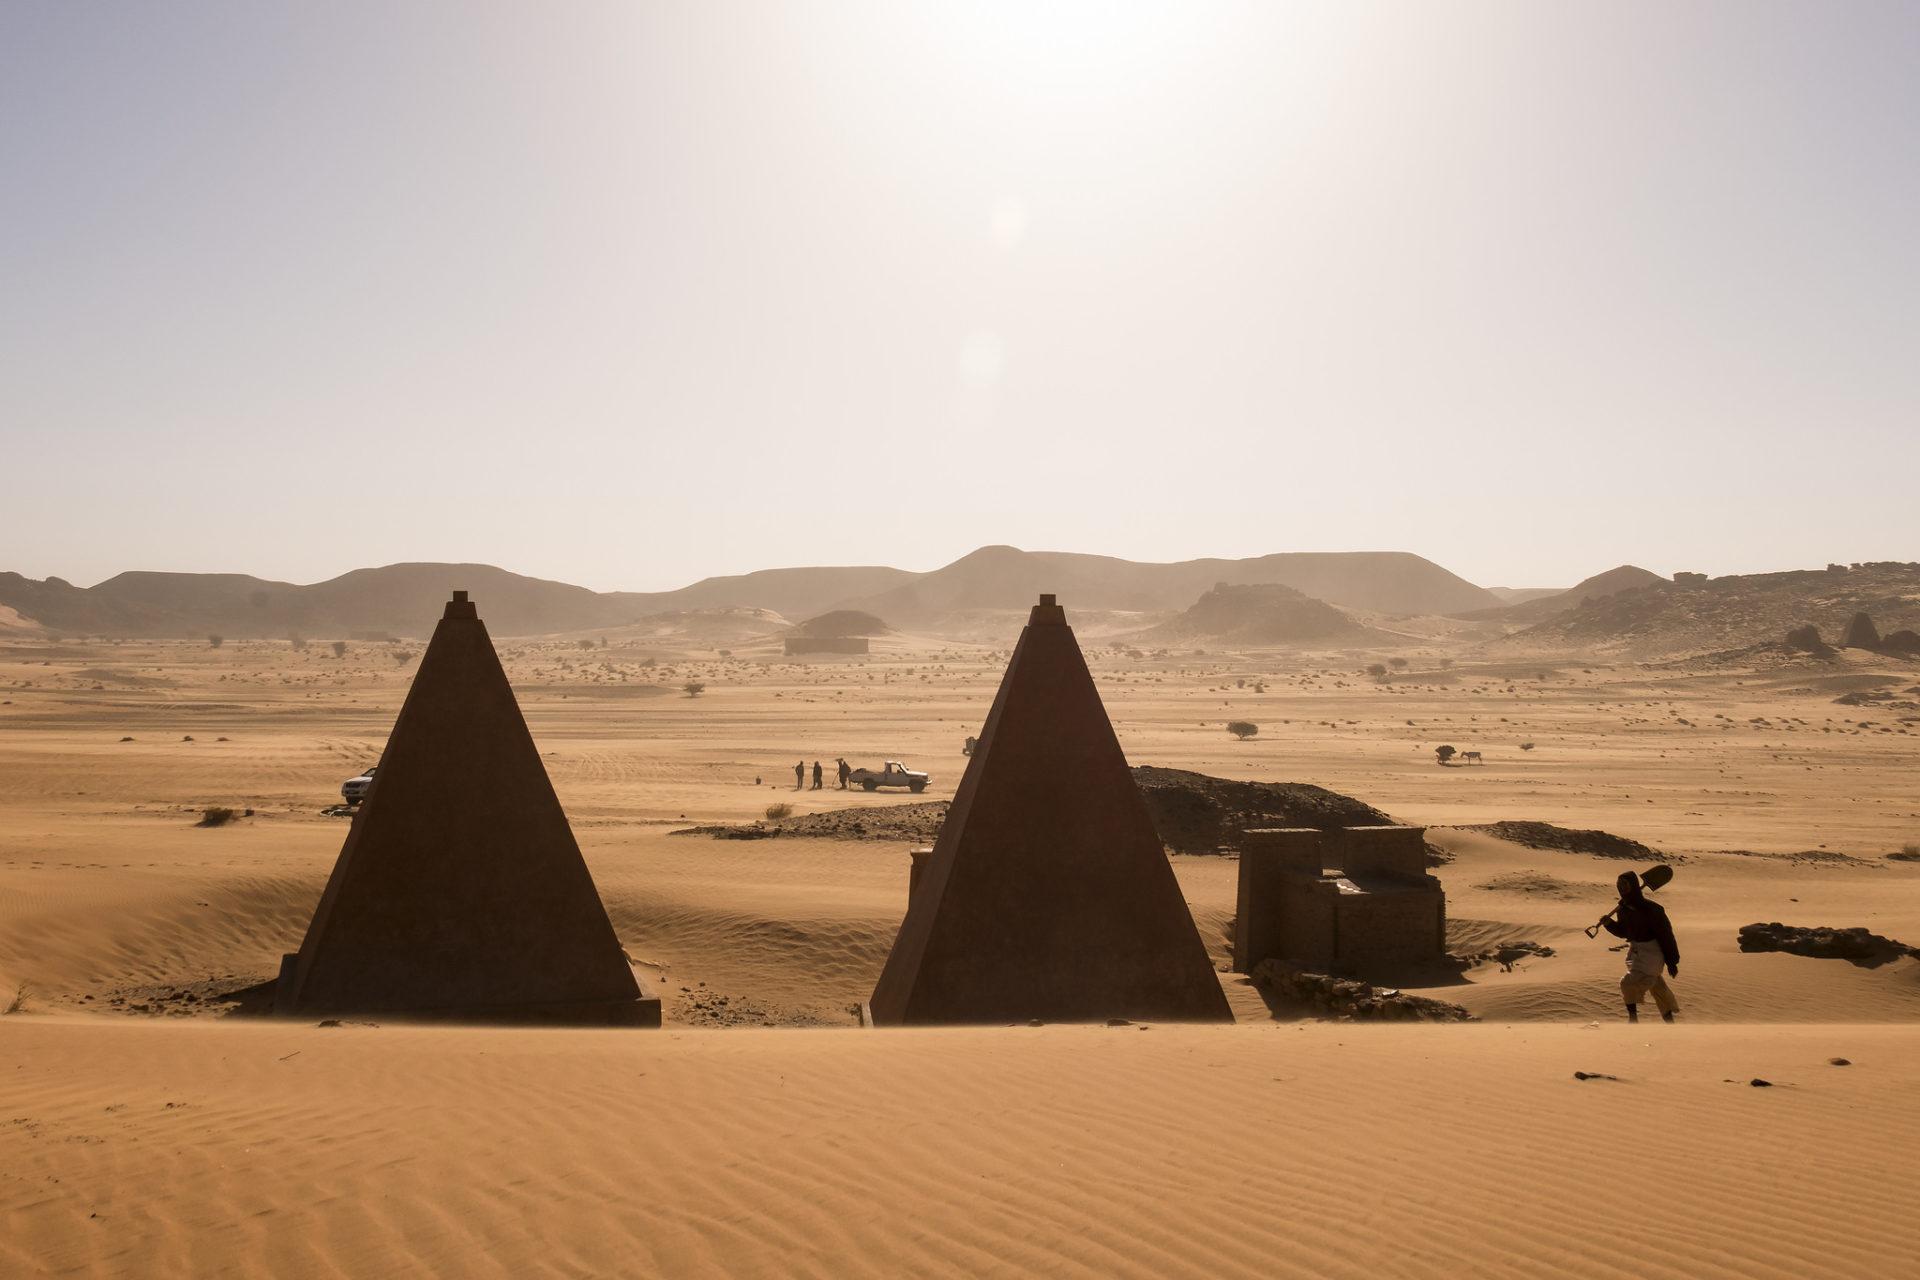 piramidy-nubijskie-meroe-suda